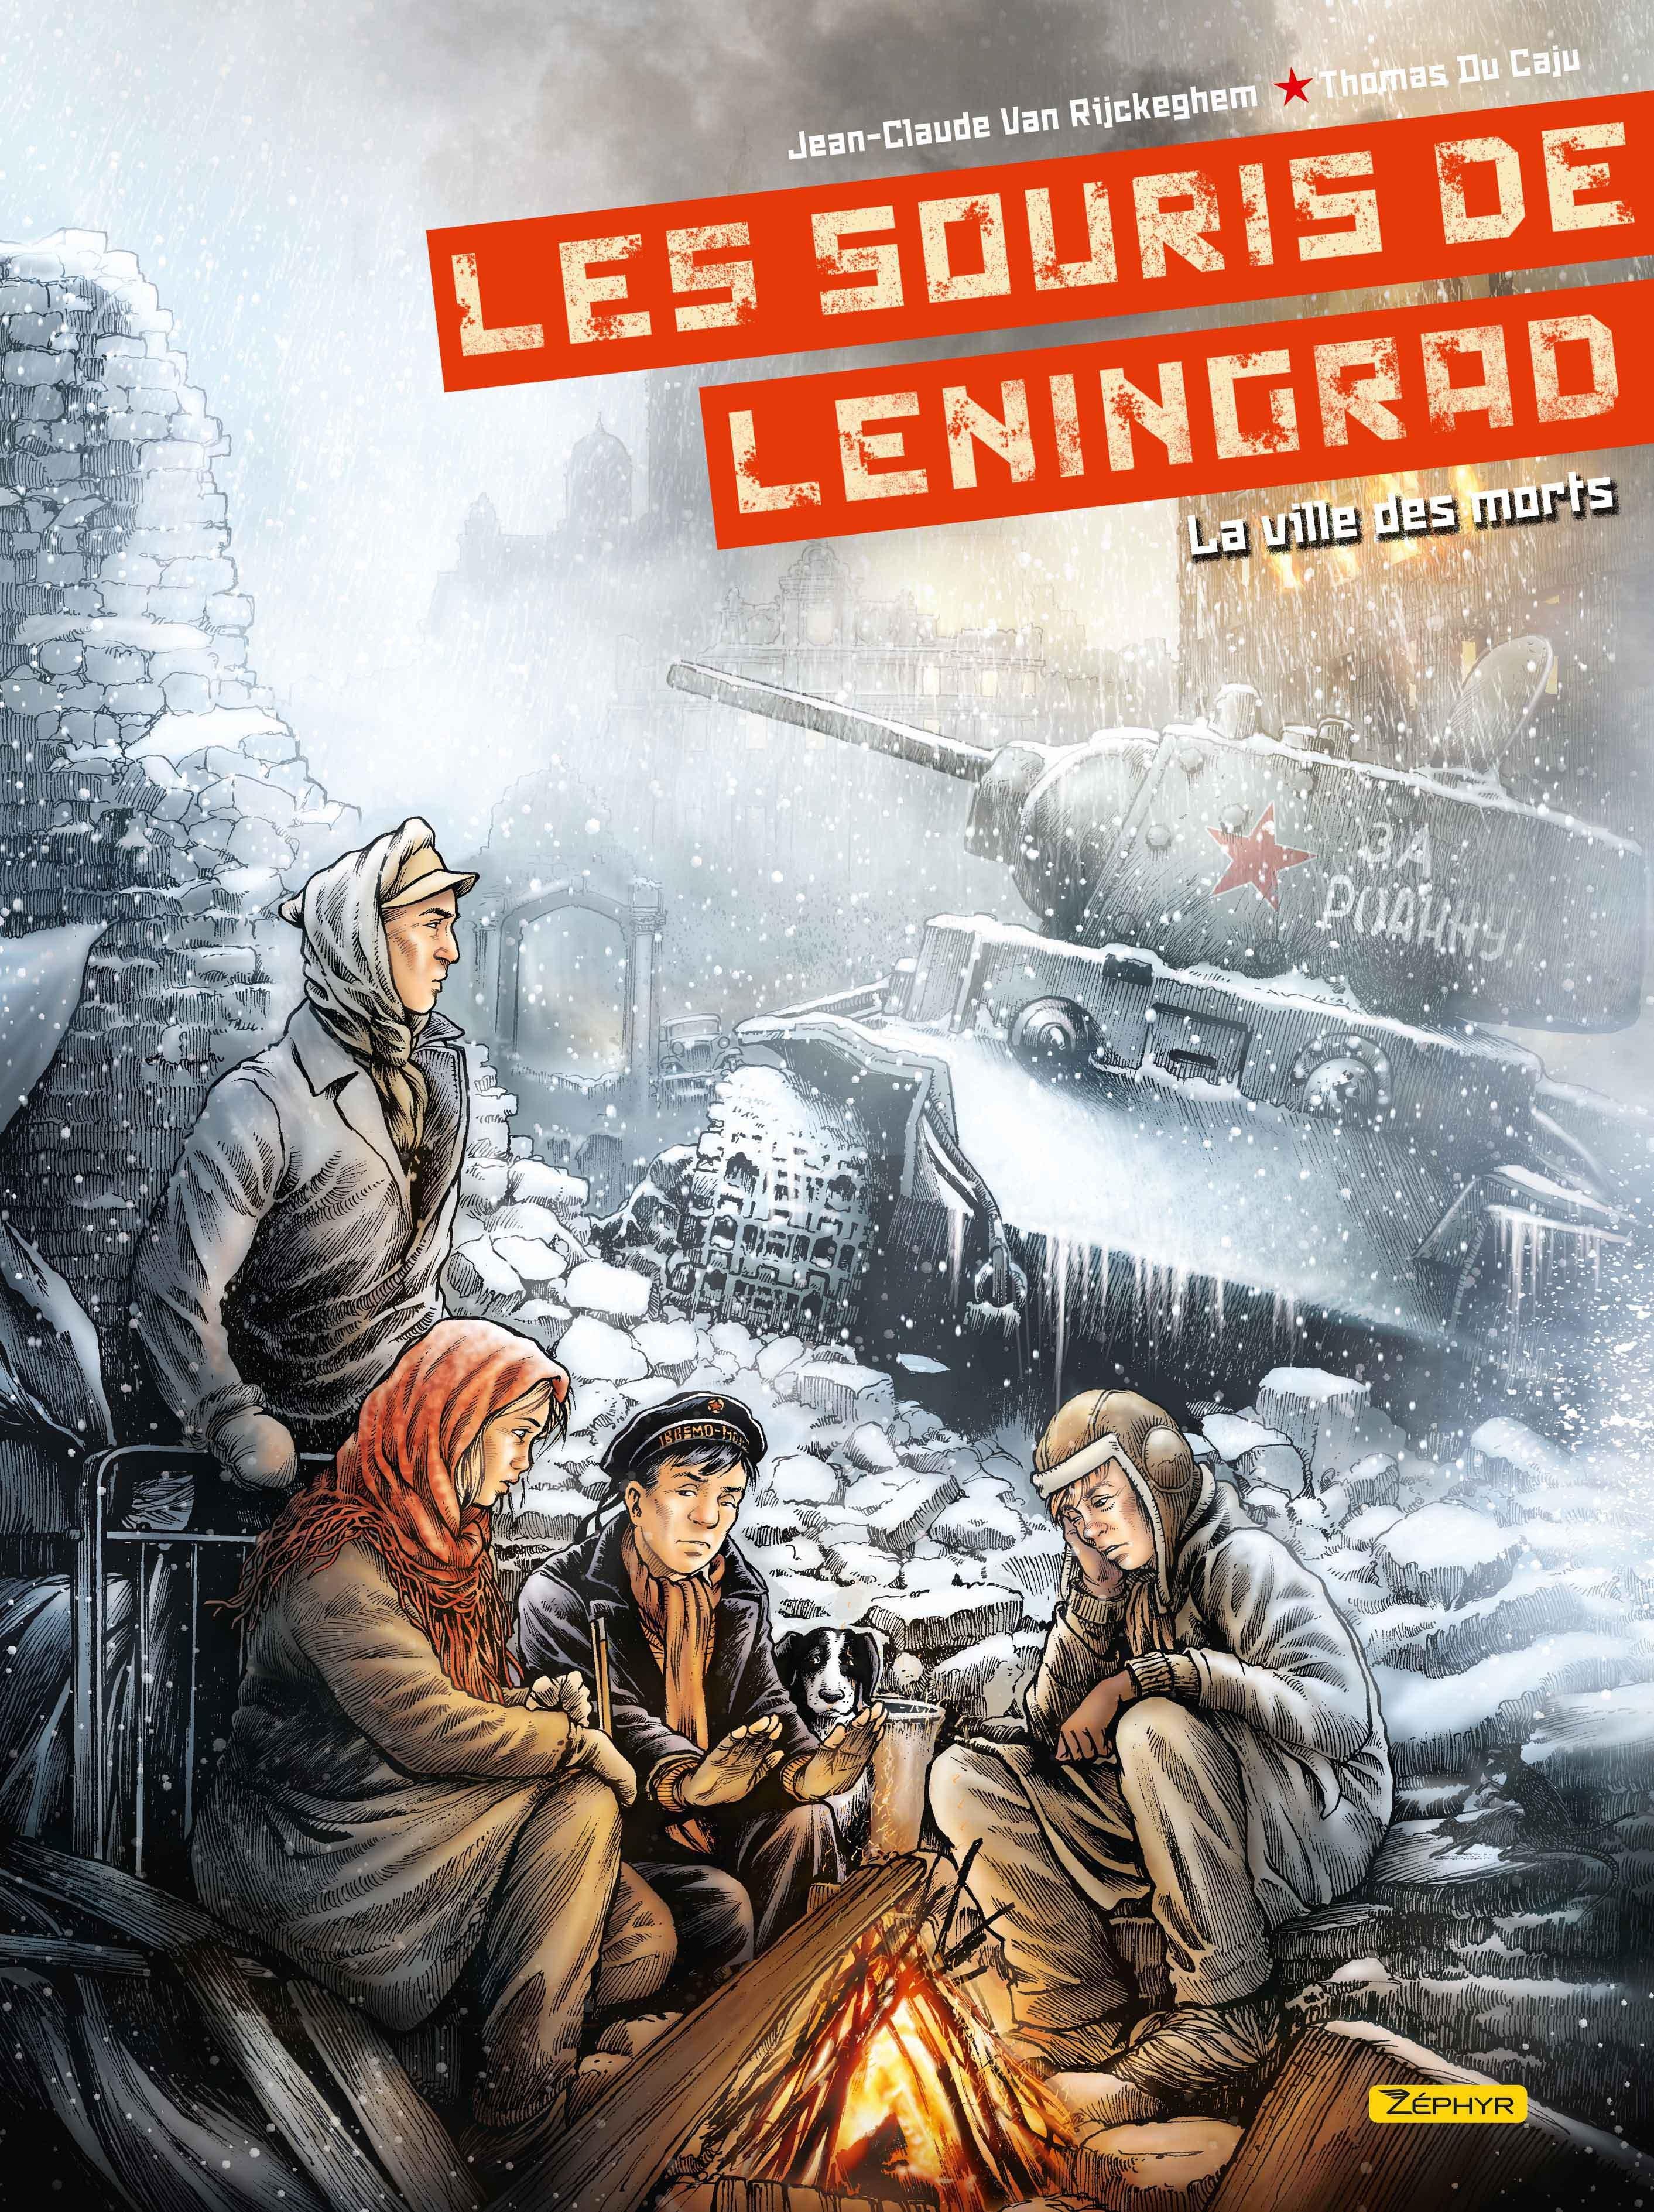 LES SOURIS DE LENINGRAD  - TOME 2 - LA VILLE DES MORTS 2/2